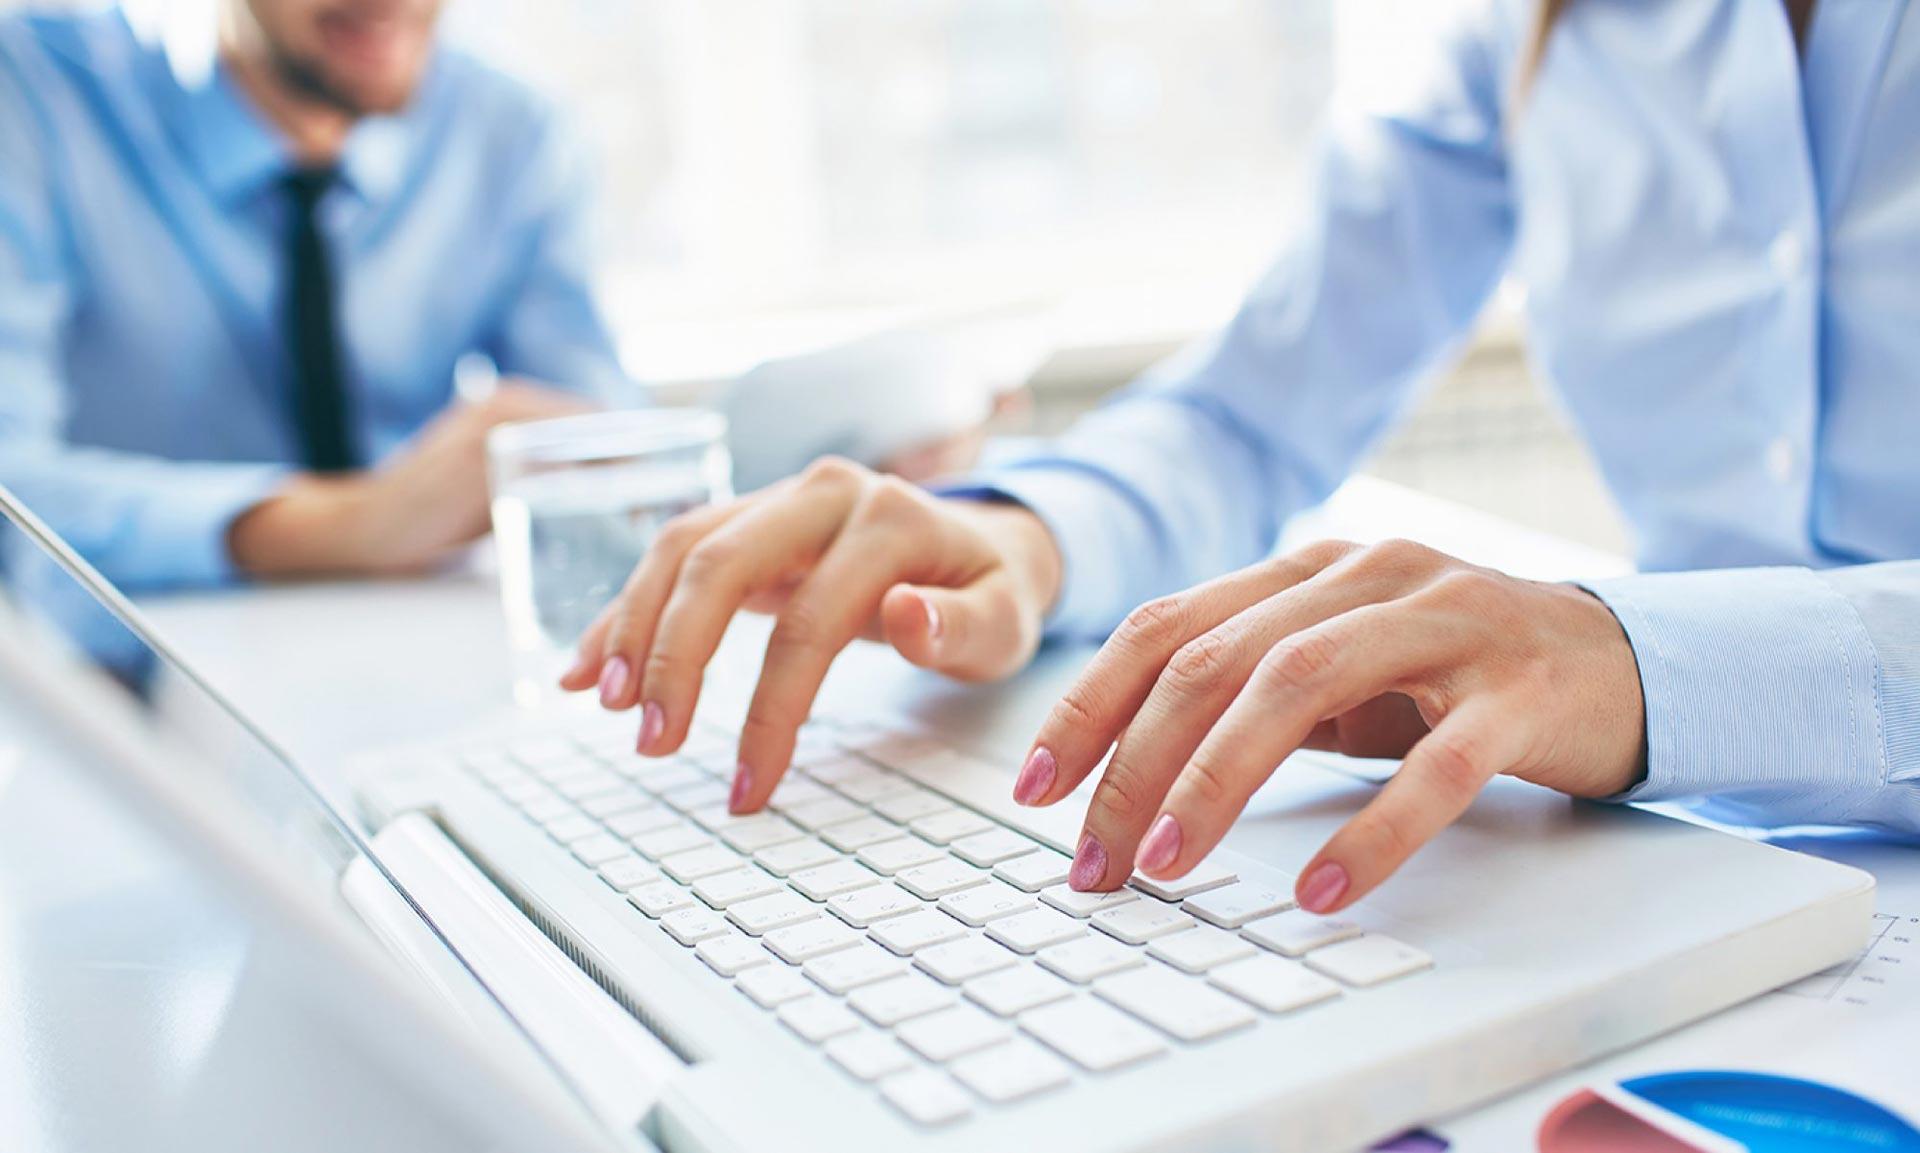 кредитная карта оформить онлайн пермь